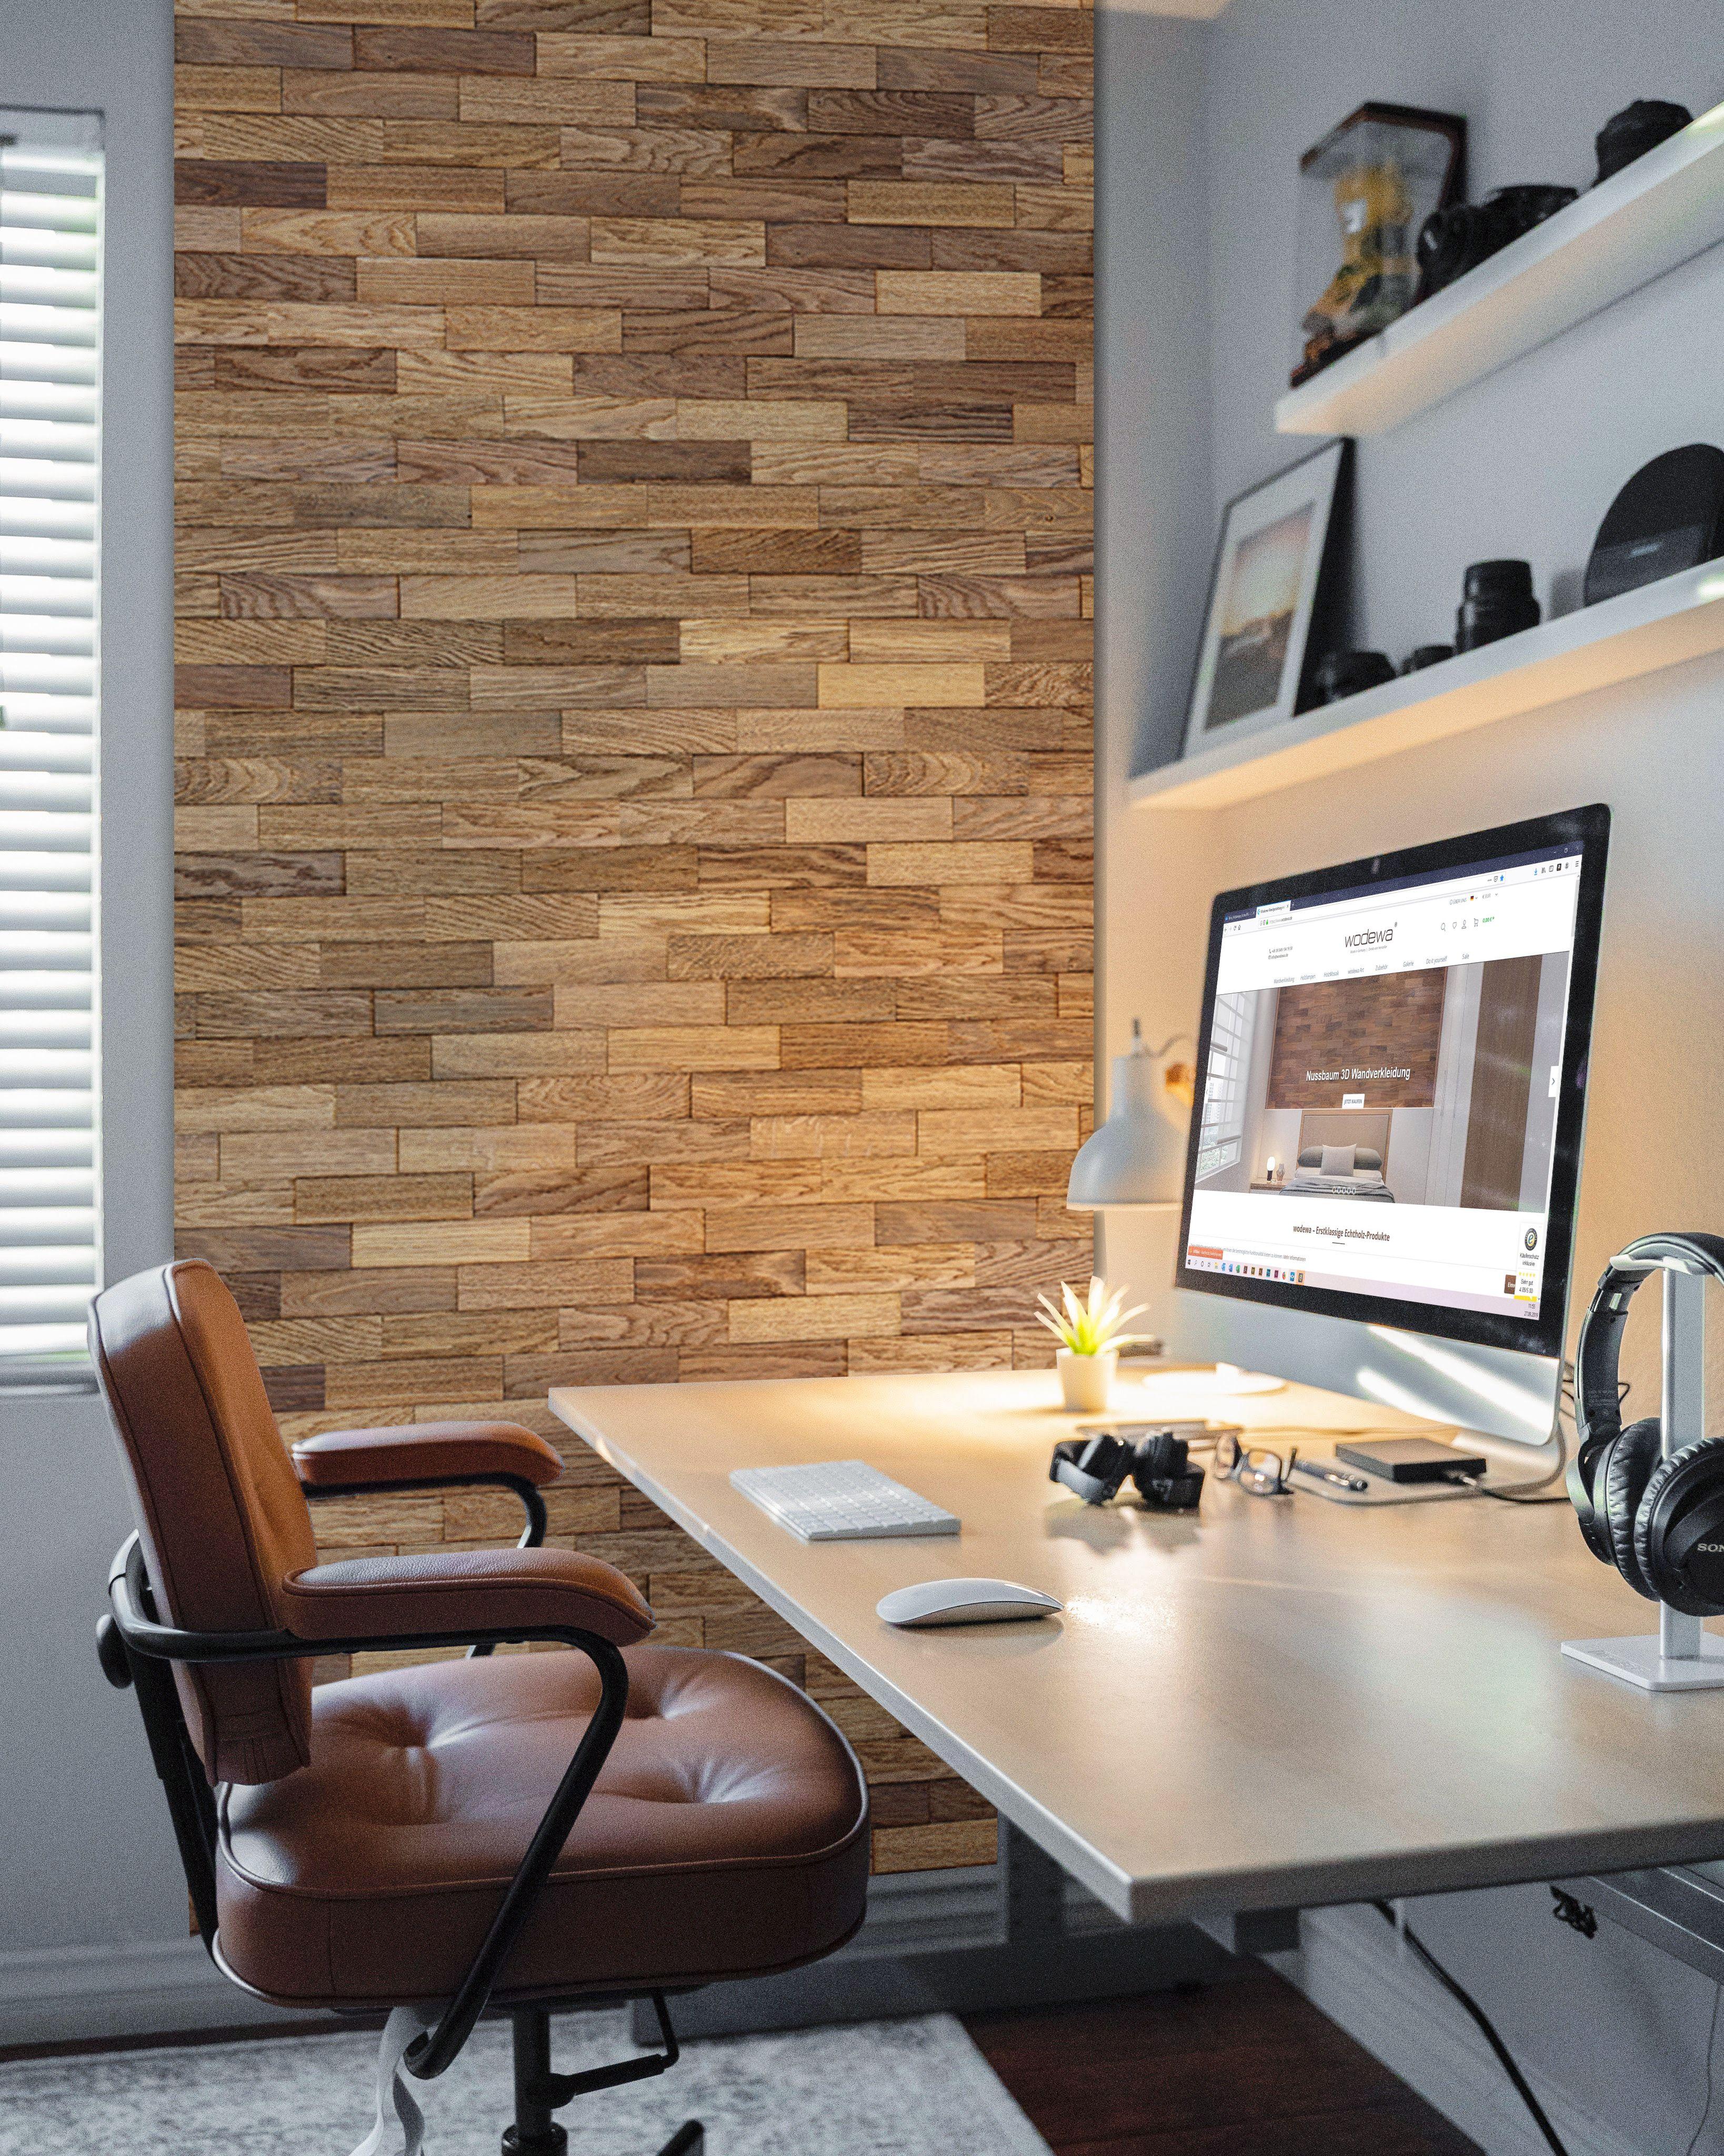 Wodewa 200 Holzwandverkleidung Wandpaneele Eiche Tabak Natur In 2020 Wandgestaltung Wohnzimmer Holz Holzwandverkleidung Wandverkleidung Holz